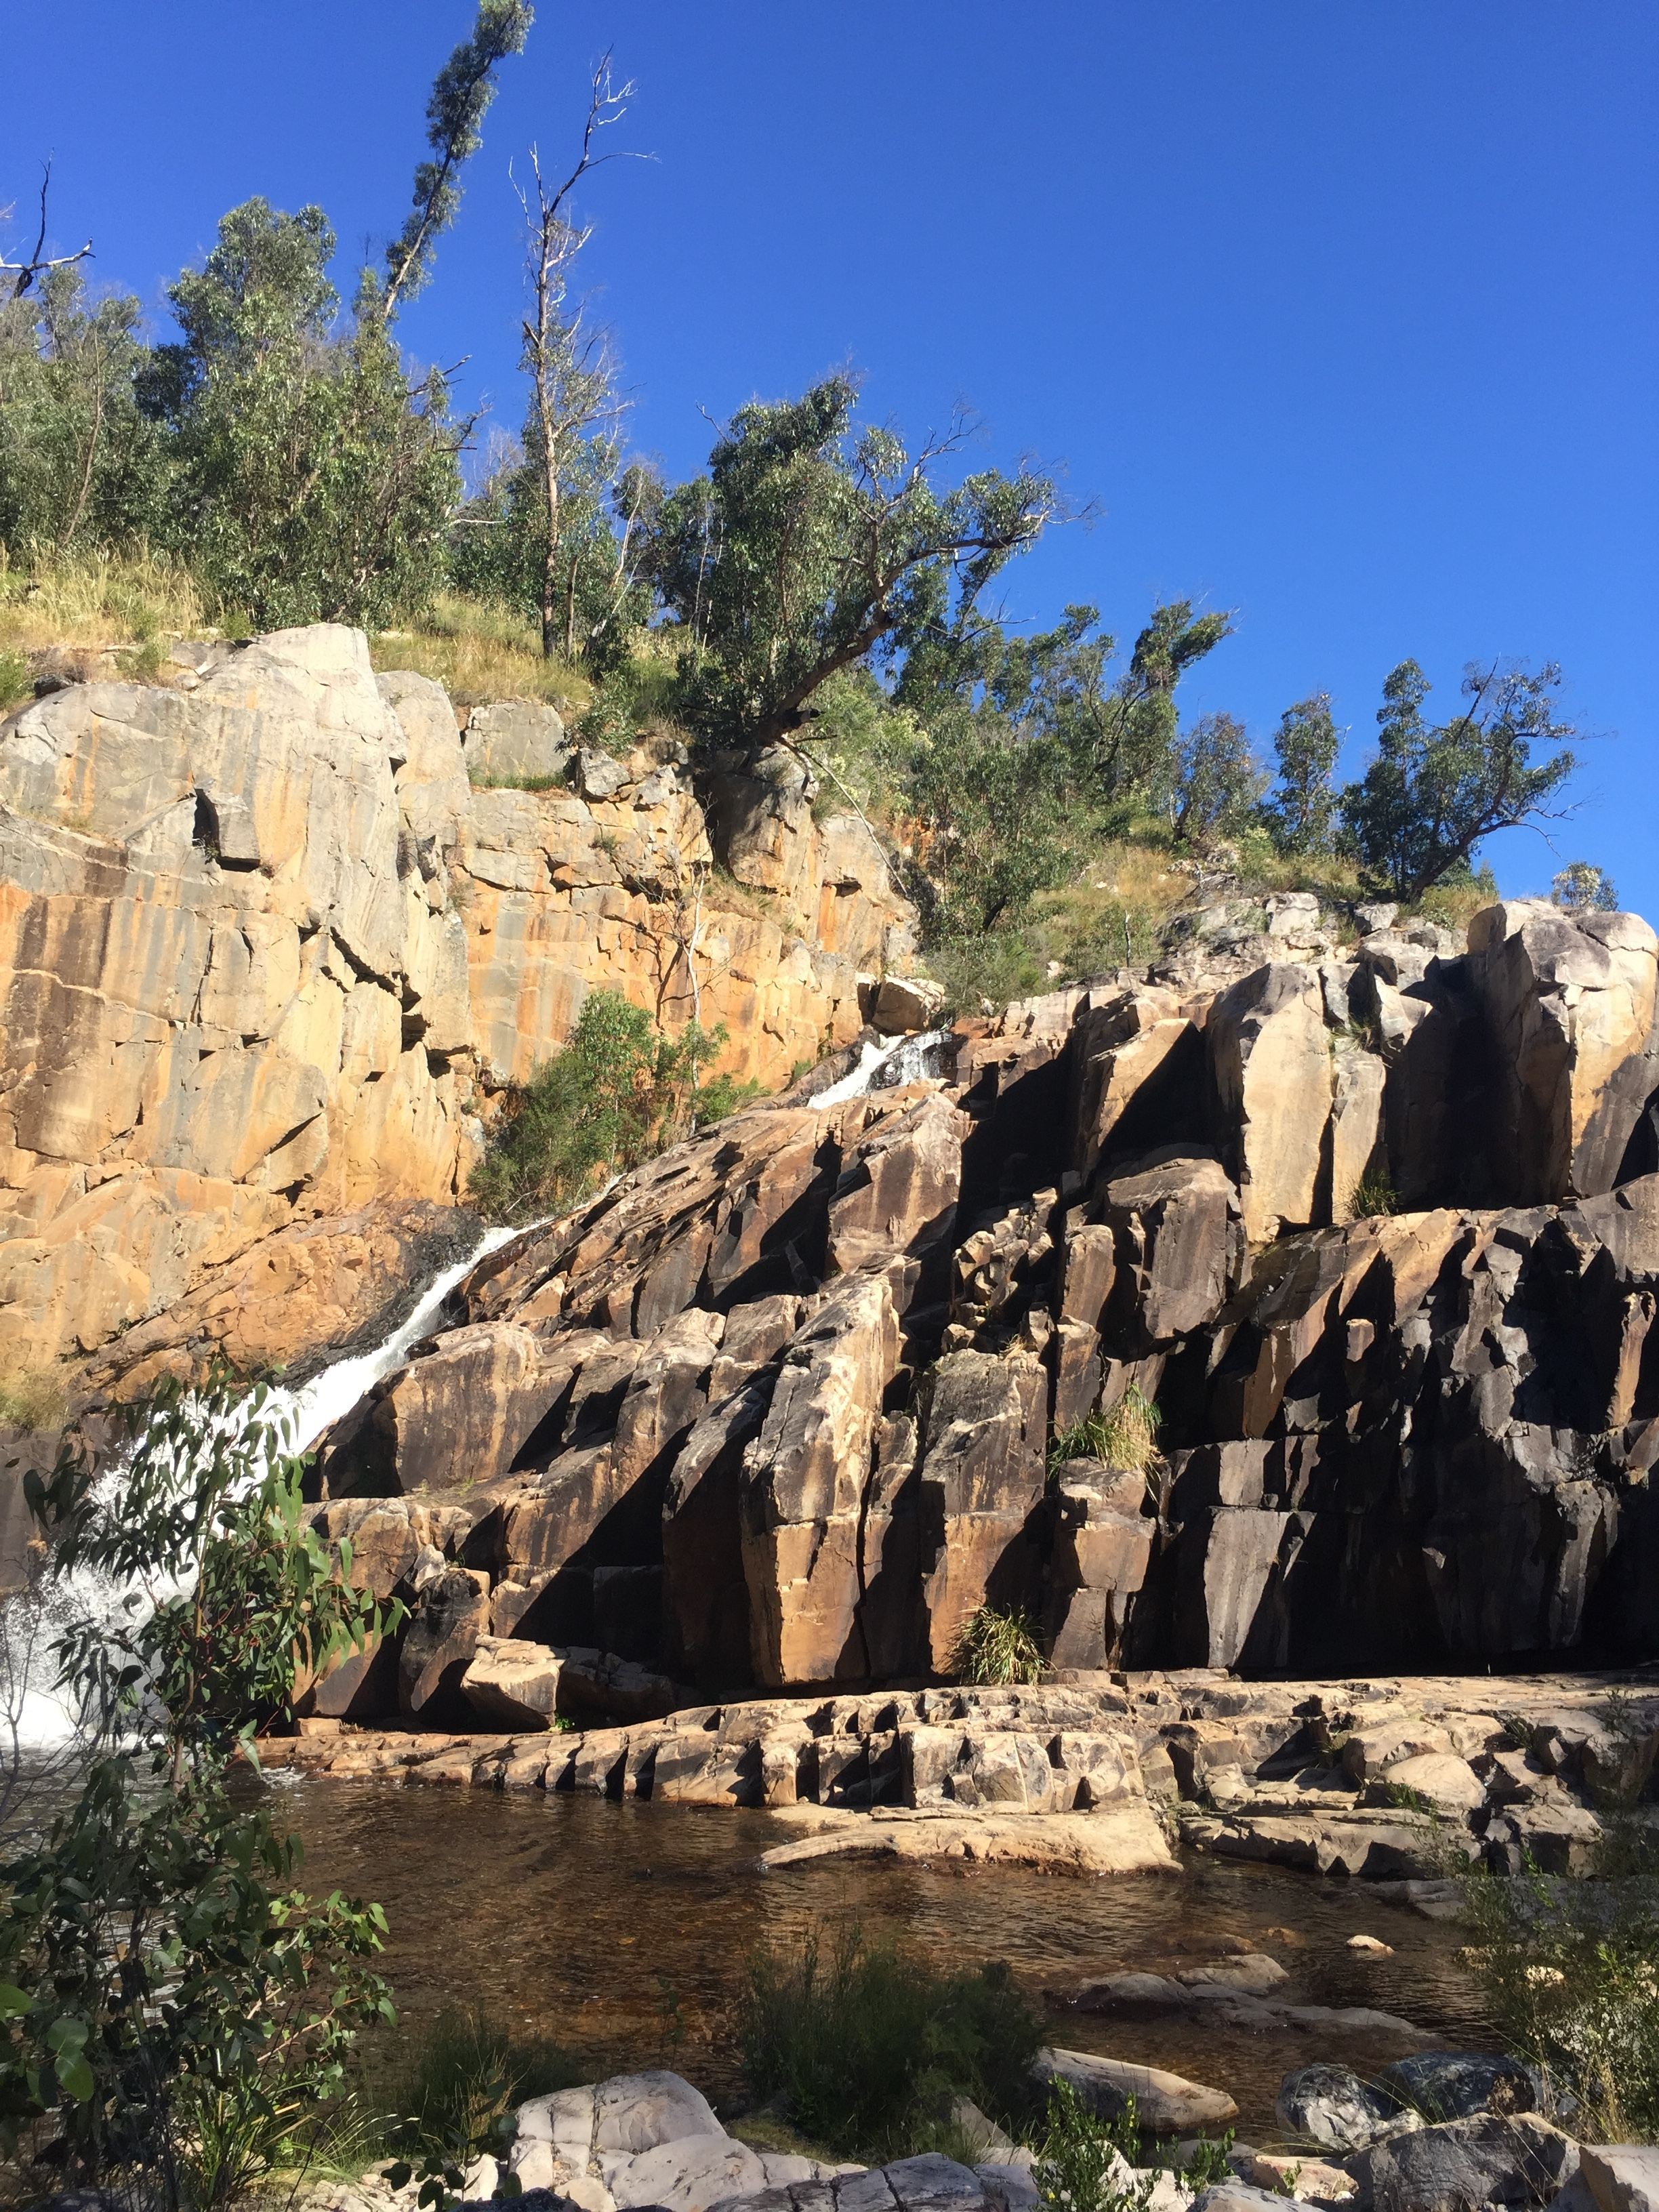 Fish Falls